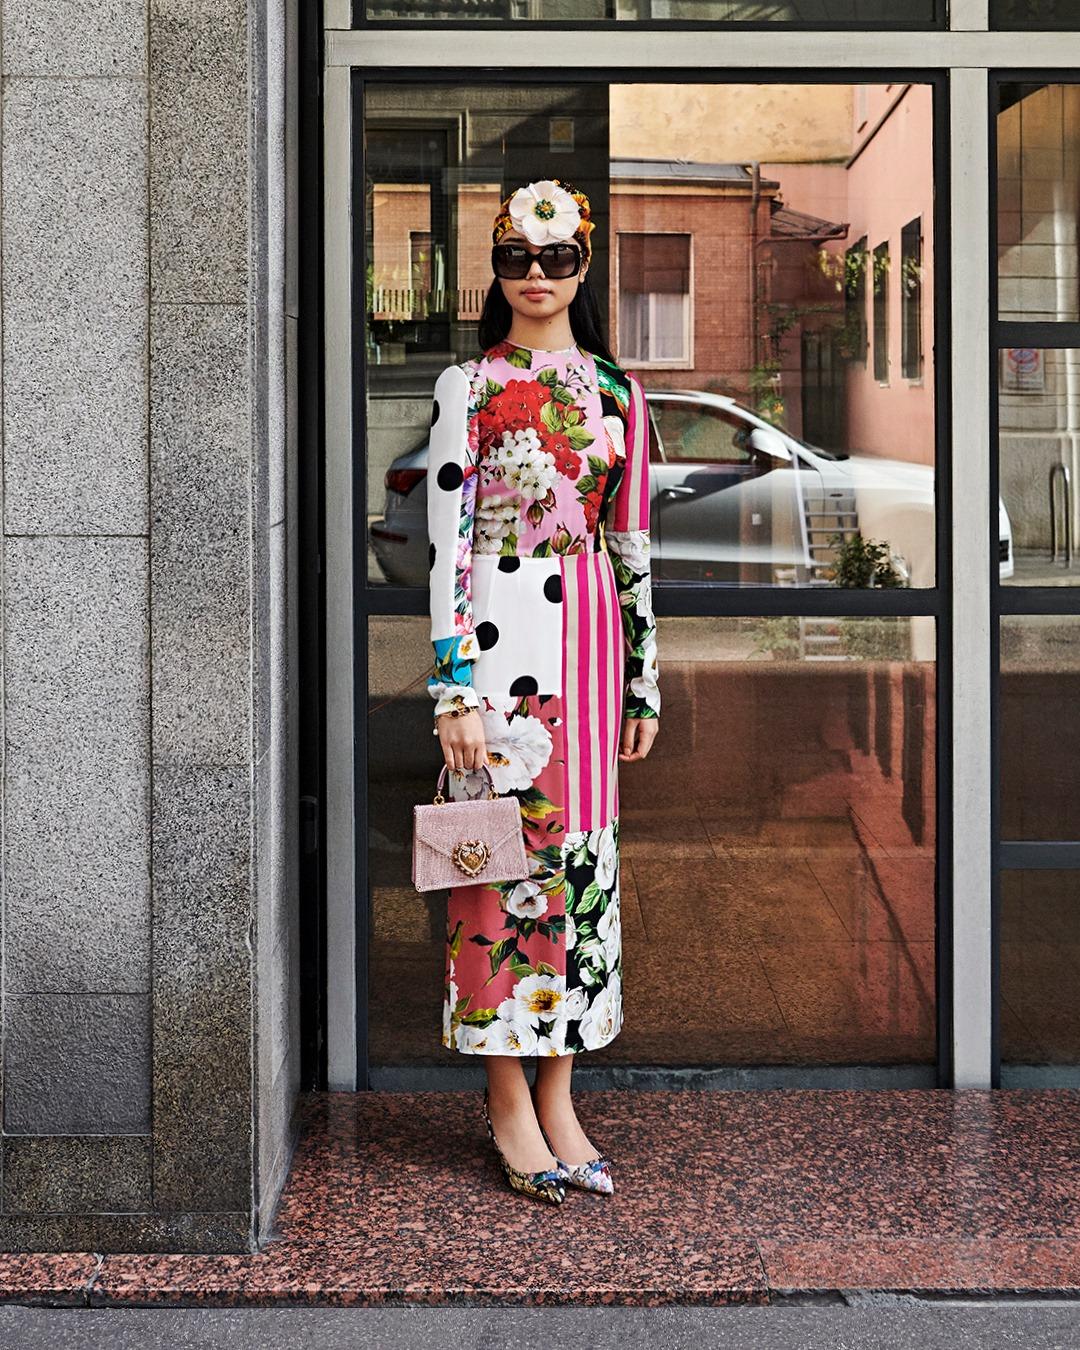 Моделями в новом кампейне Dolce&Gabbana стали обычные люди